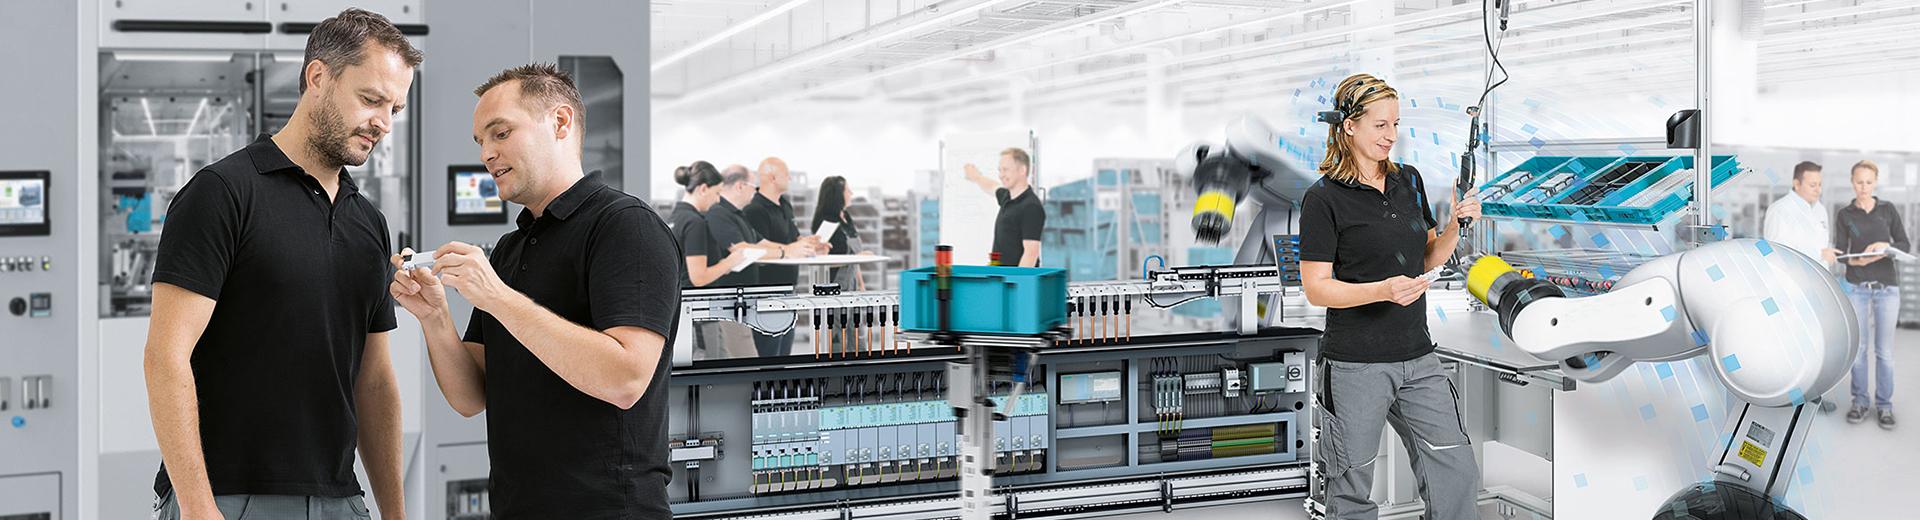 焊接工业机器人厂家